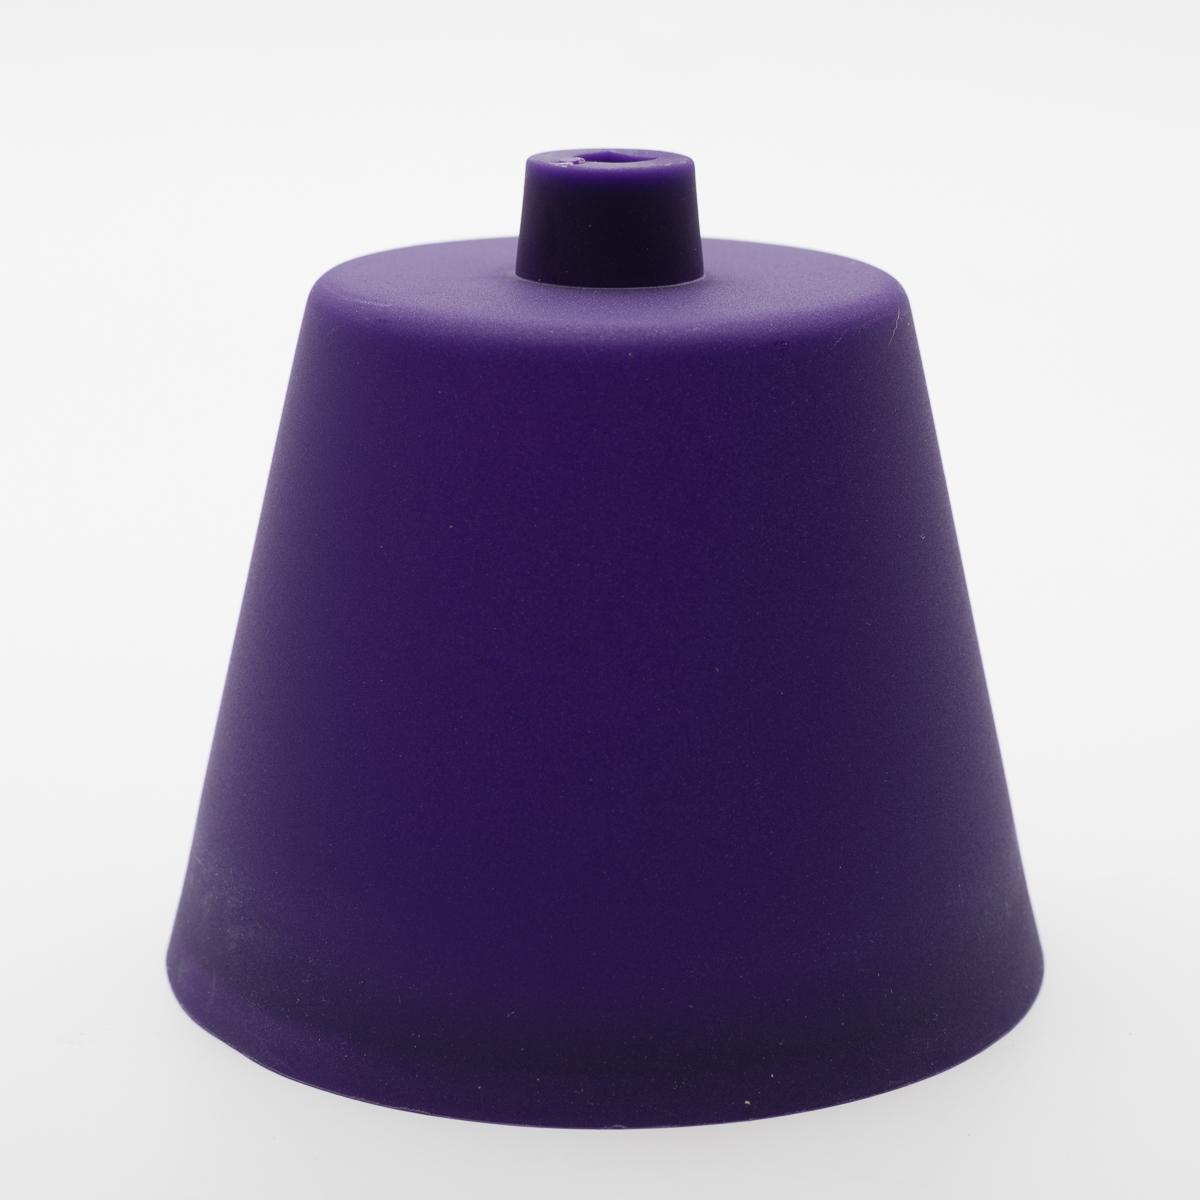 Потолочный крепеж пластиковый фиолетовый